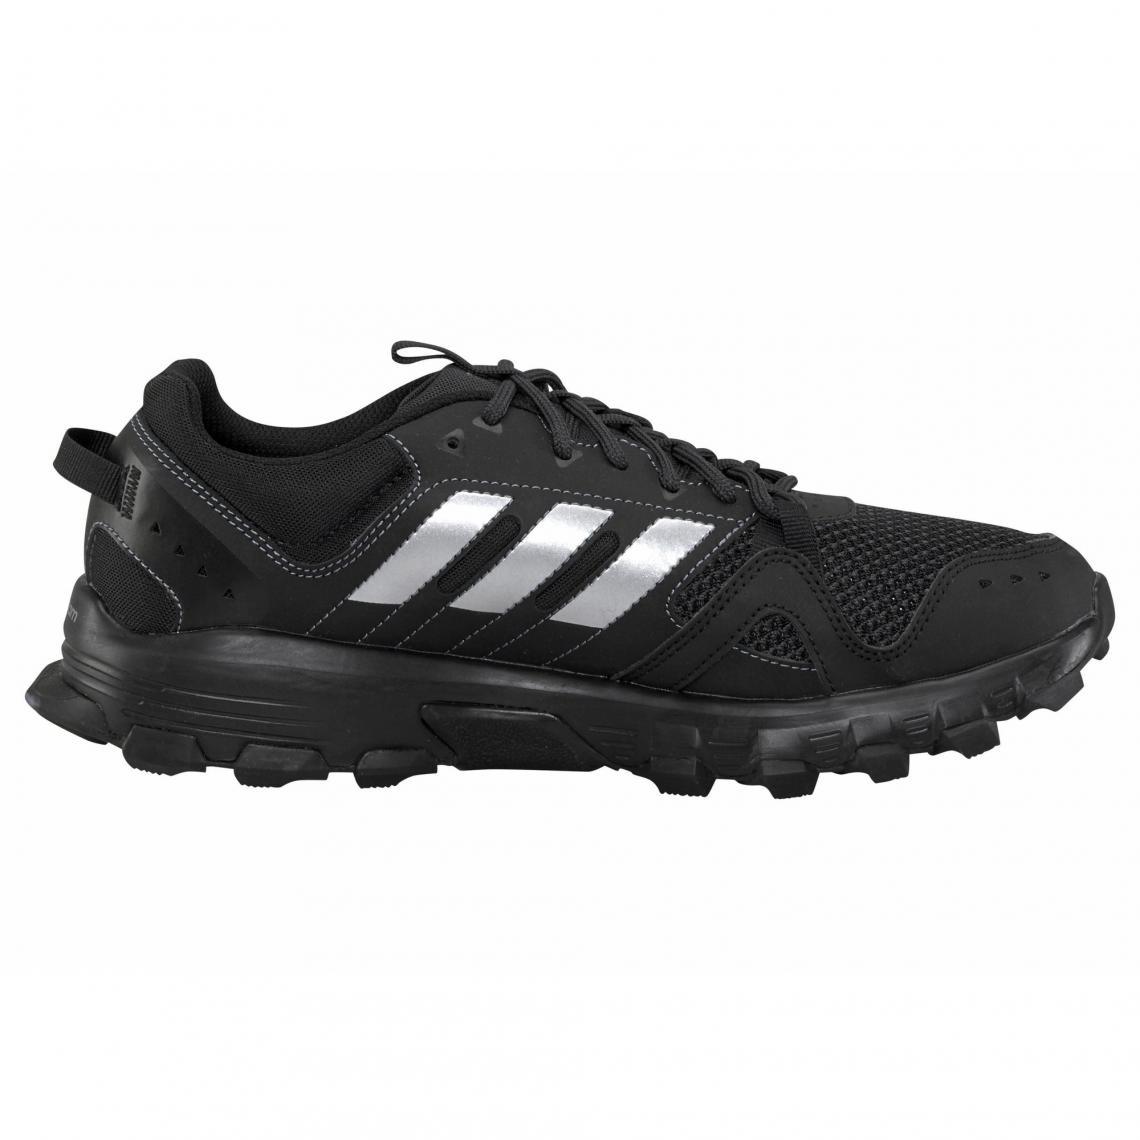 super popular 58122 8f4d7 adidas Rockadia Trail chaussures de running homme - Noir - B